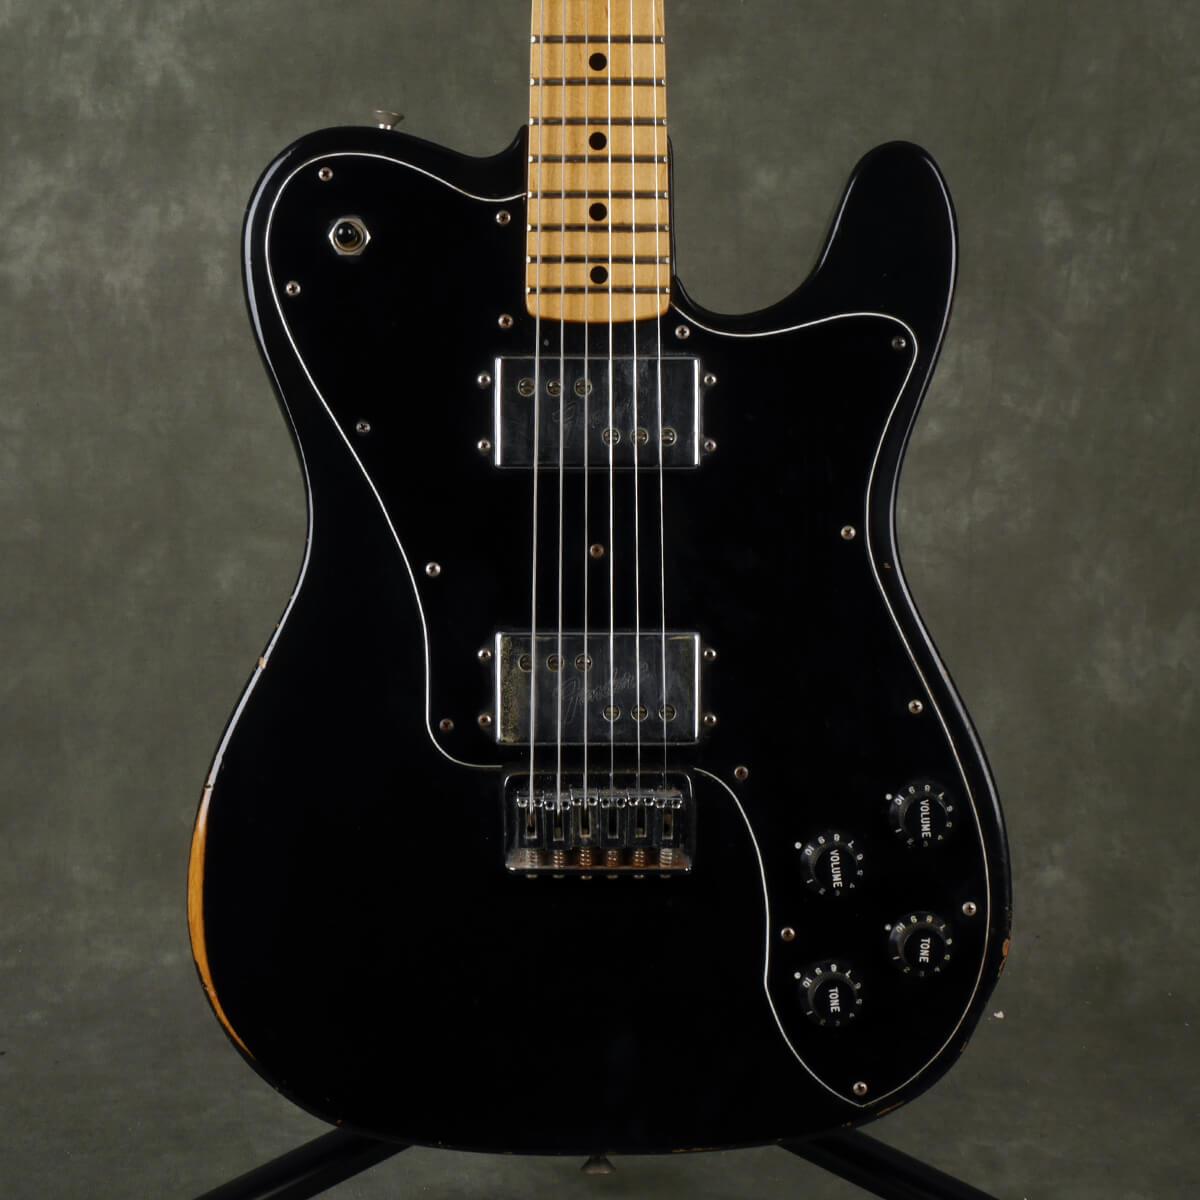 Fender 1978 Telecaster Deluxe - Black - 2nd Hand